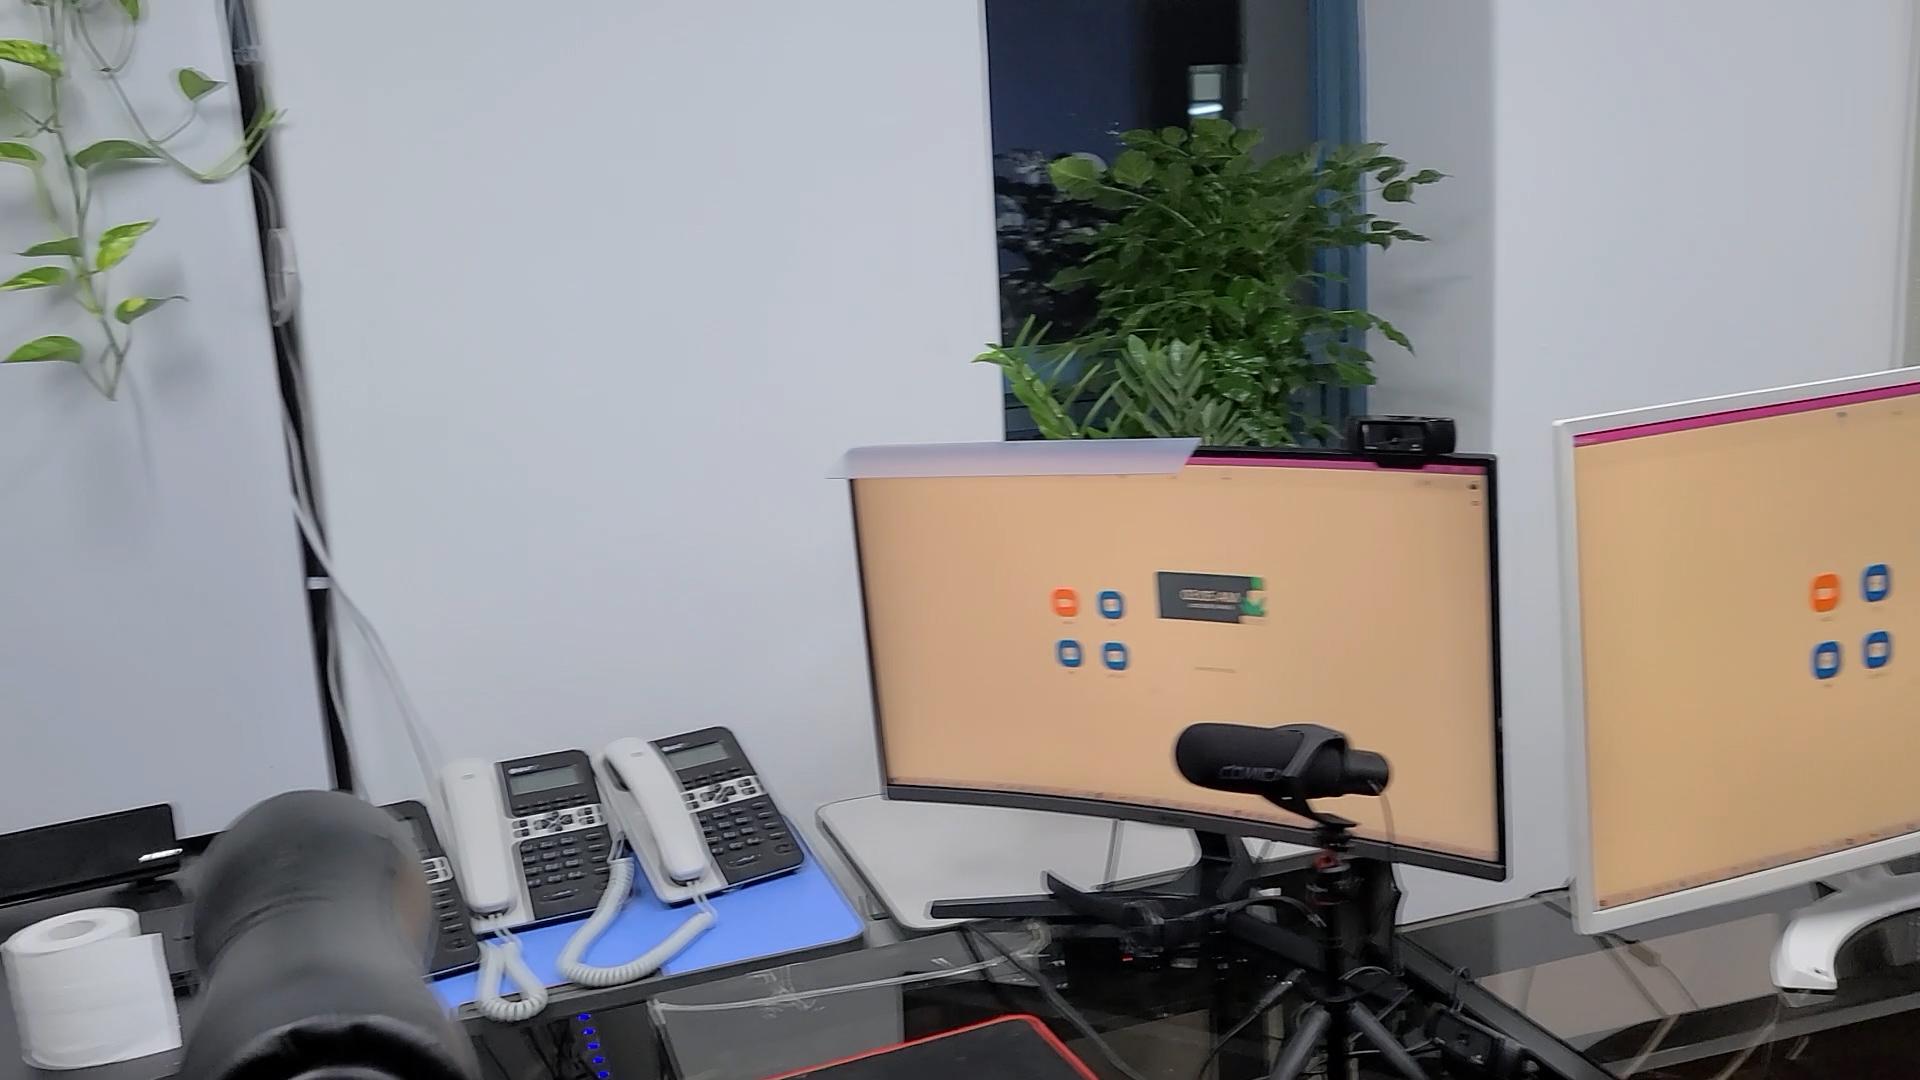 에스플러스학원 Splus Academy 비대면 온라인 완전탈바꿈.00_01_45_21.스틸 054제5강의실식물과컴퓨터.jpg